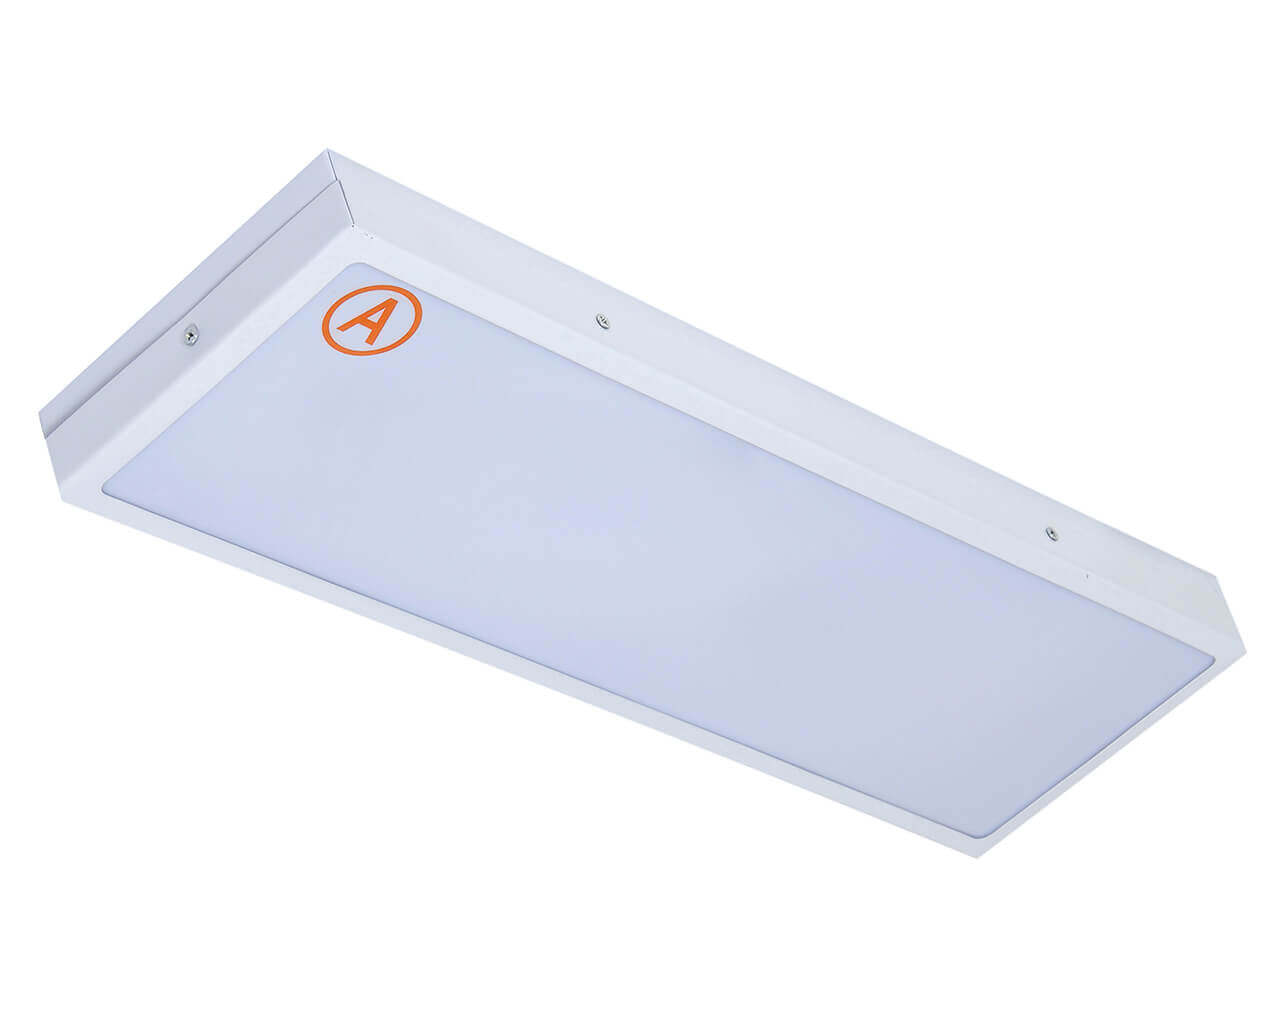 Универсальный светильник LC-SIP-40K ватт 595x180 IP65 Теплый белый Опал с Бап 3 часа